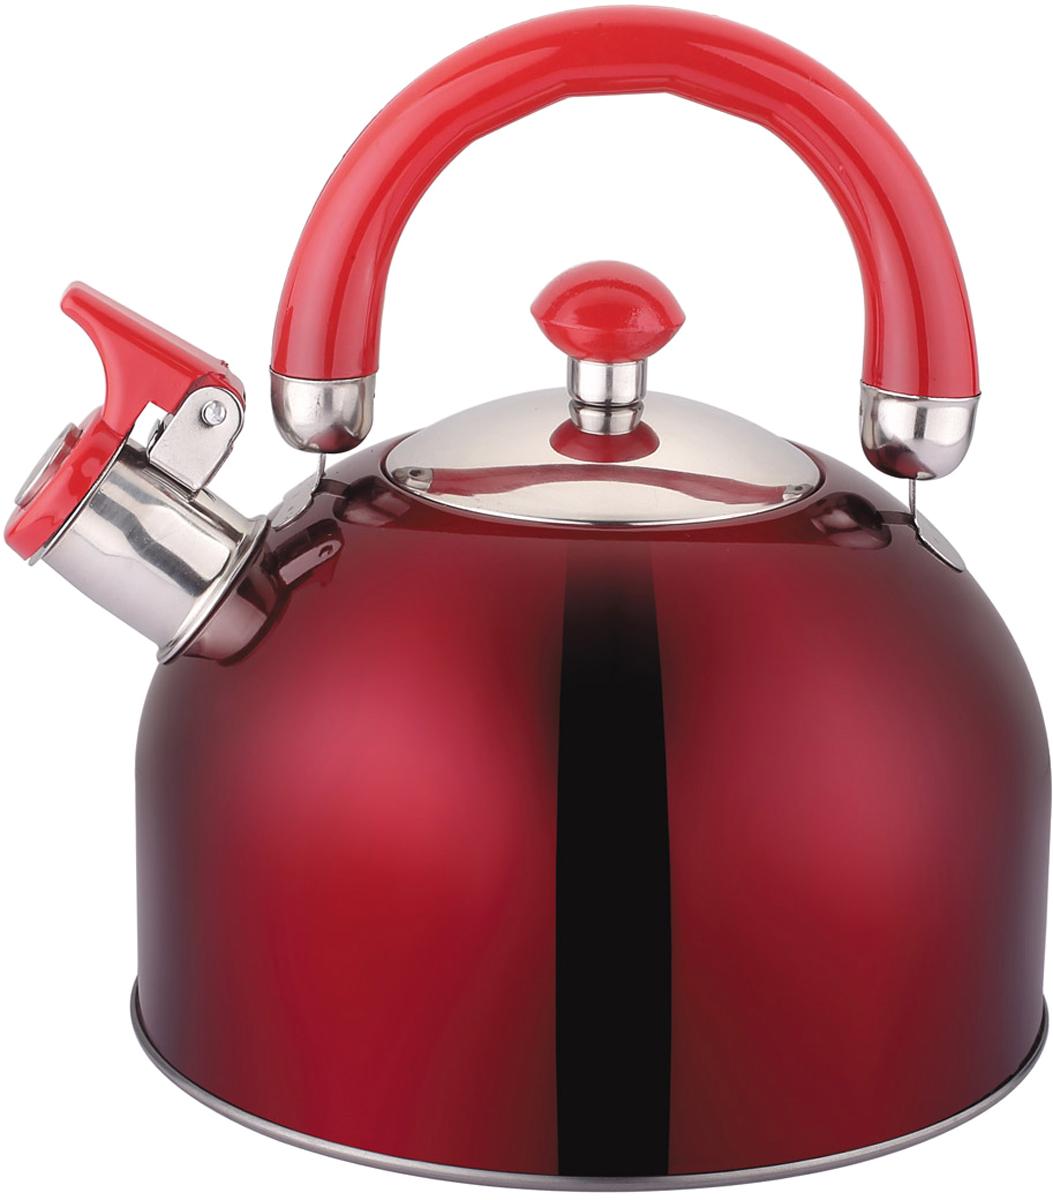 Чайник Appetite, со свистком, цвет: красный, 2,5 л. LKD-2025BDH11-73Чайник Appetite изготовлен из высококачественной нержавеющей стали. Нержавеющая сталь обладает высокой устойчивостью к коррозии, не вступает в реакцию с холодными и горячими продуктами и полностью сохраняет их вкусовые качества. Особая конструкция дна способствует высокой теплопроводности и равномерному распределению тепла.Чайник оснащен удобной пластиковойручкой. Носик чайника имеет откидной свисток, звуковой сигнал которого подскажет, когда закипит вода.Чайник Appetite пригоден для использования на всех видах плит.